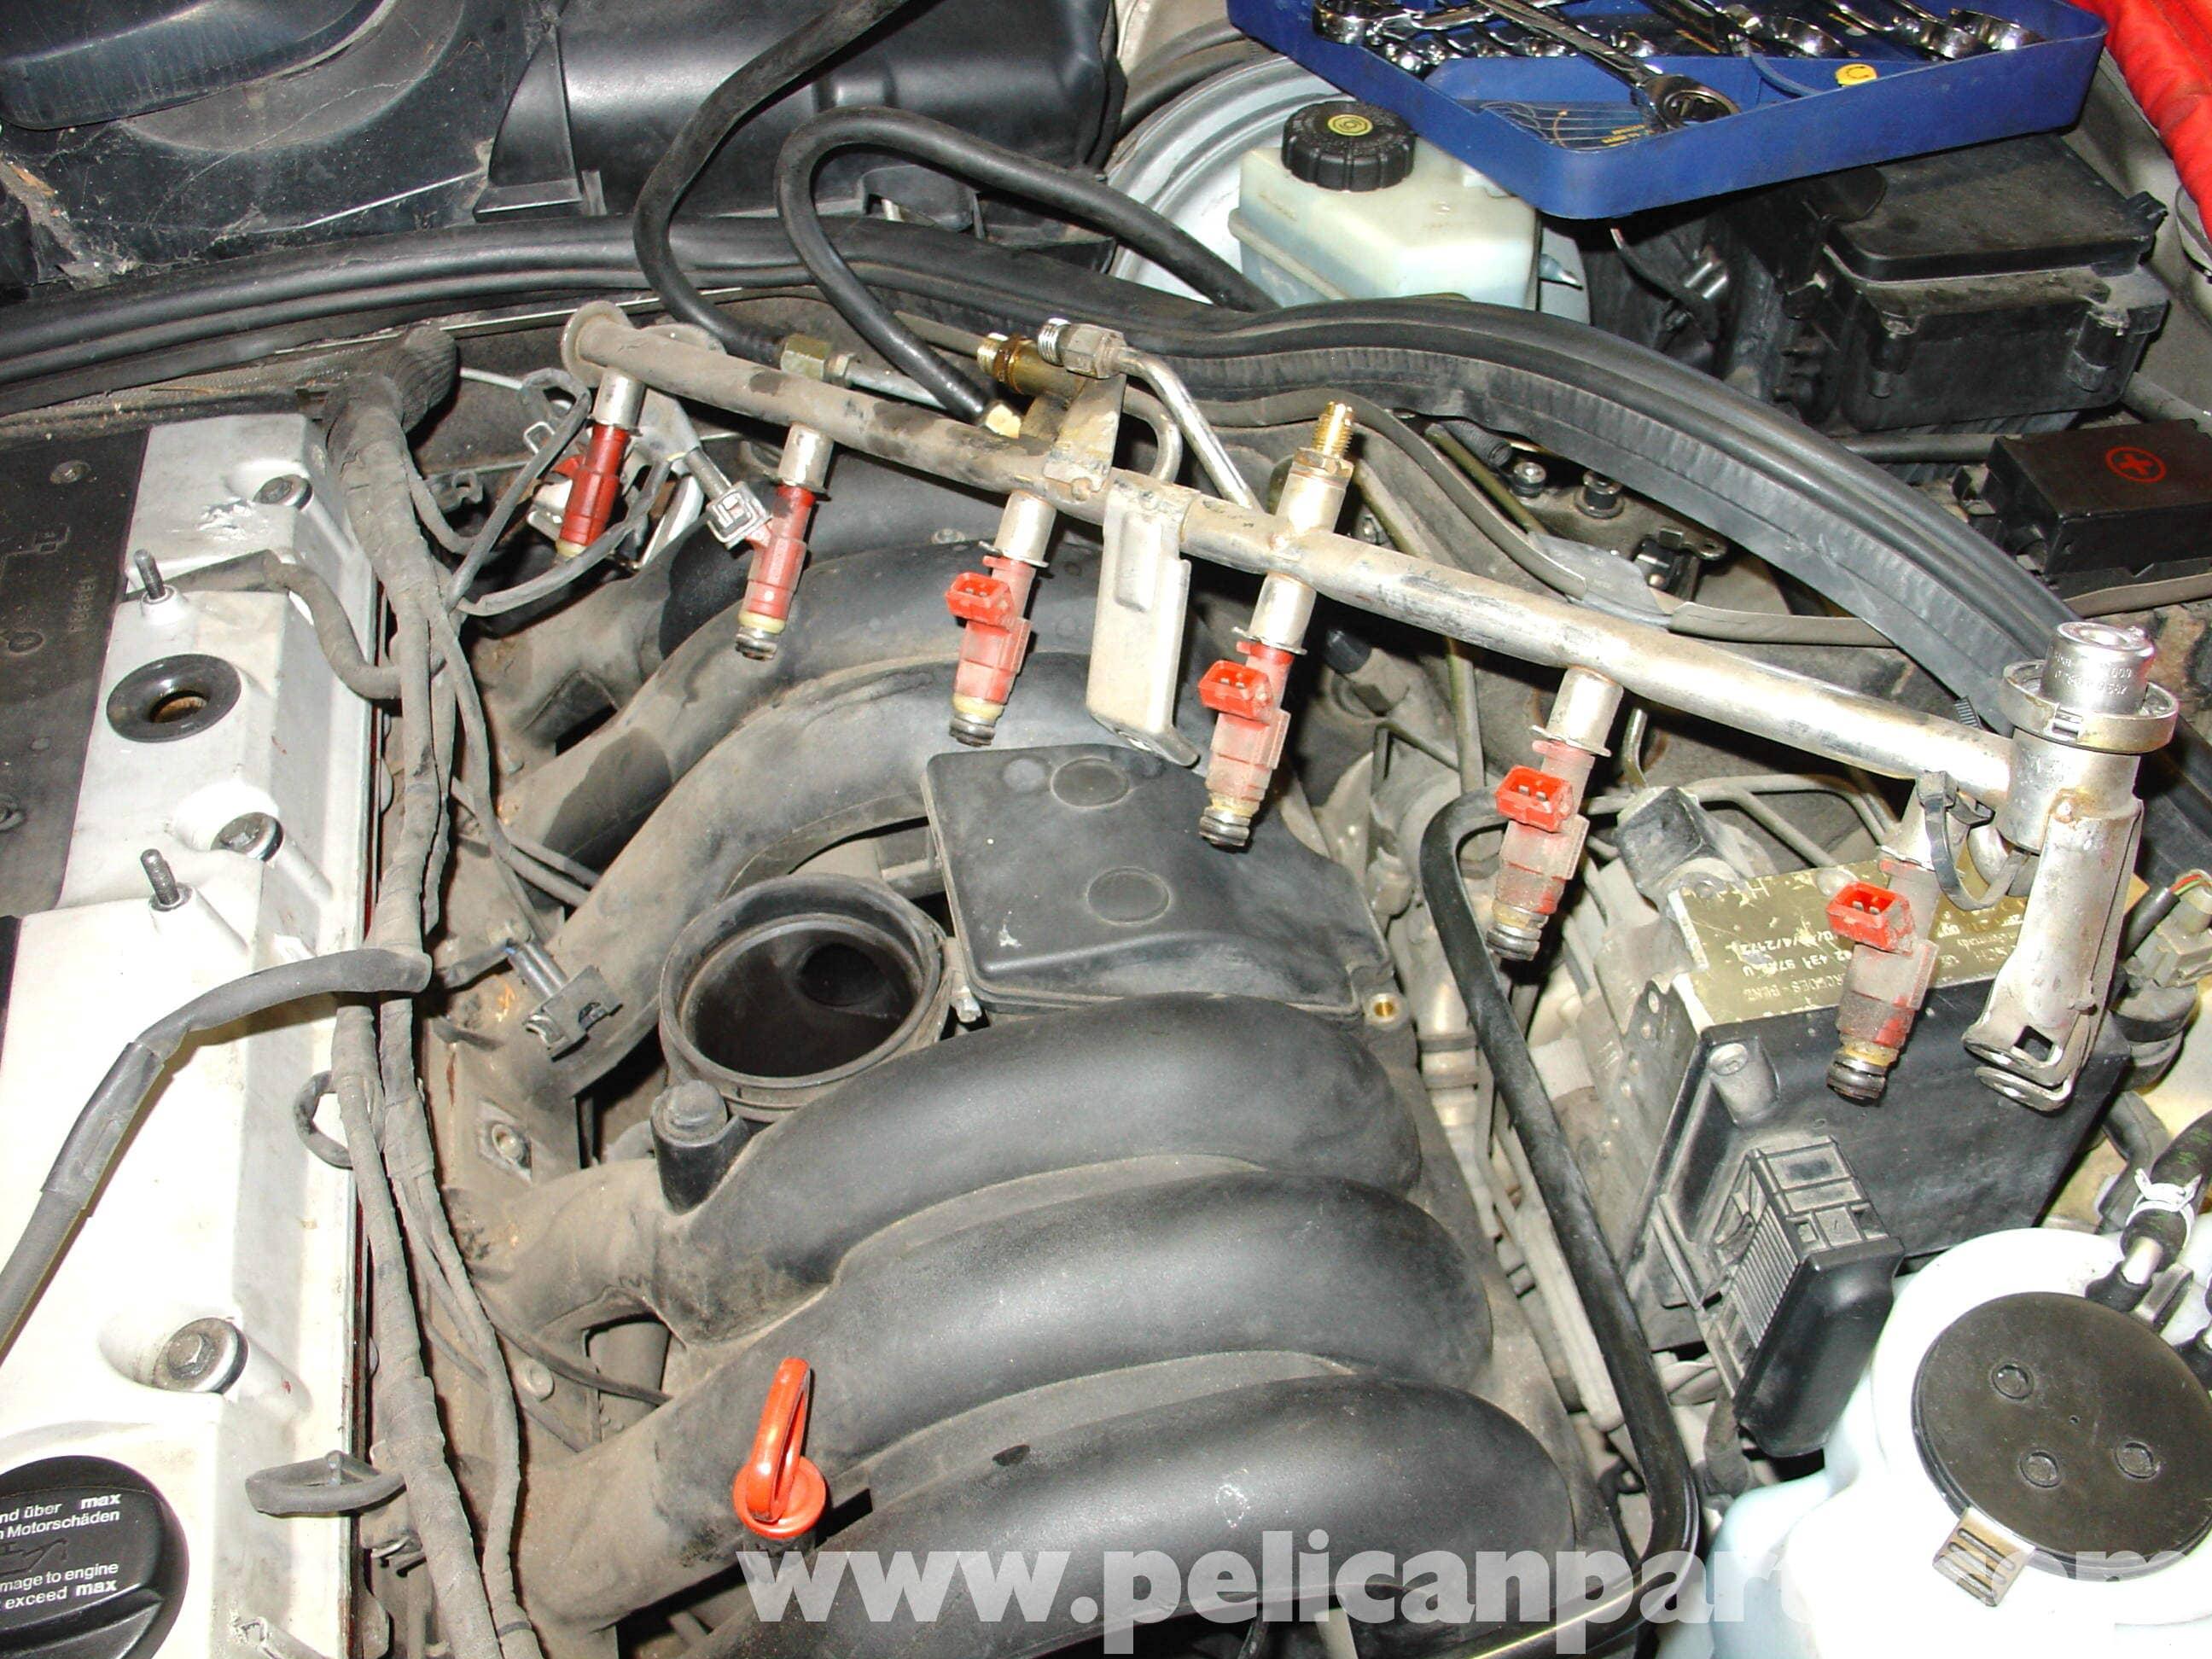 Mercedes-Benz W210 Intake Manifold Removal (1996-03) E320